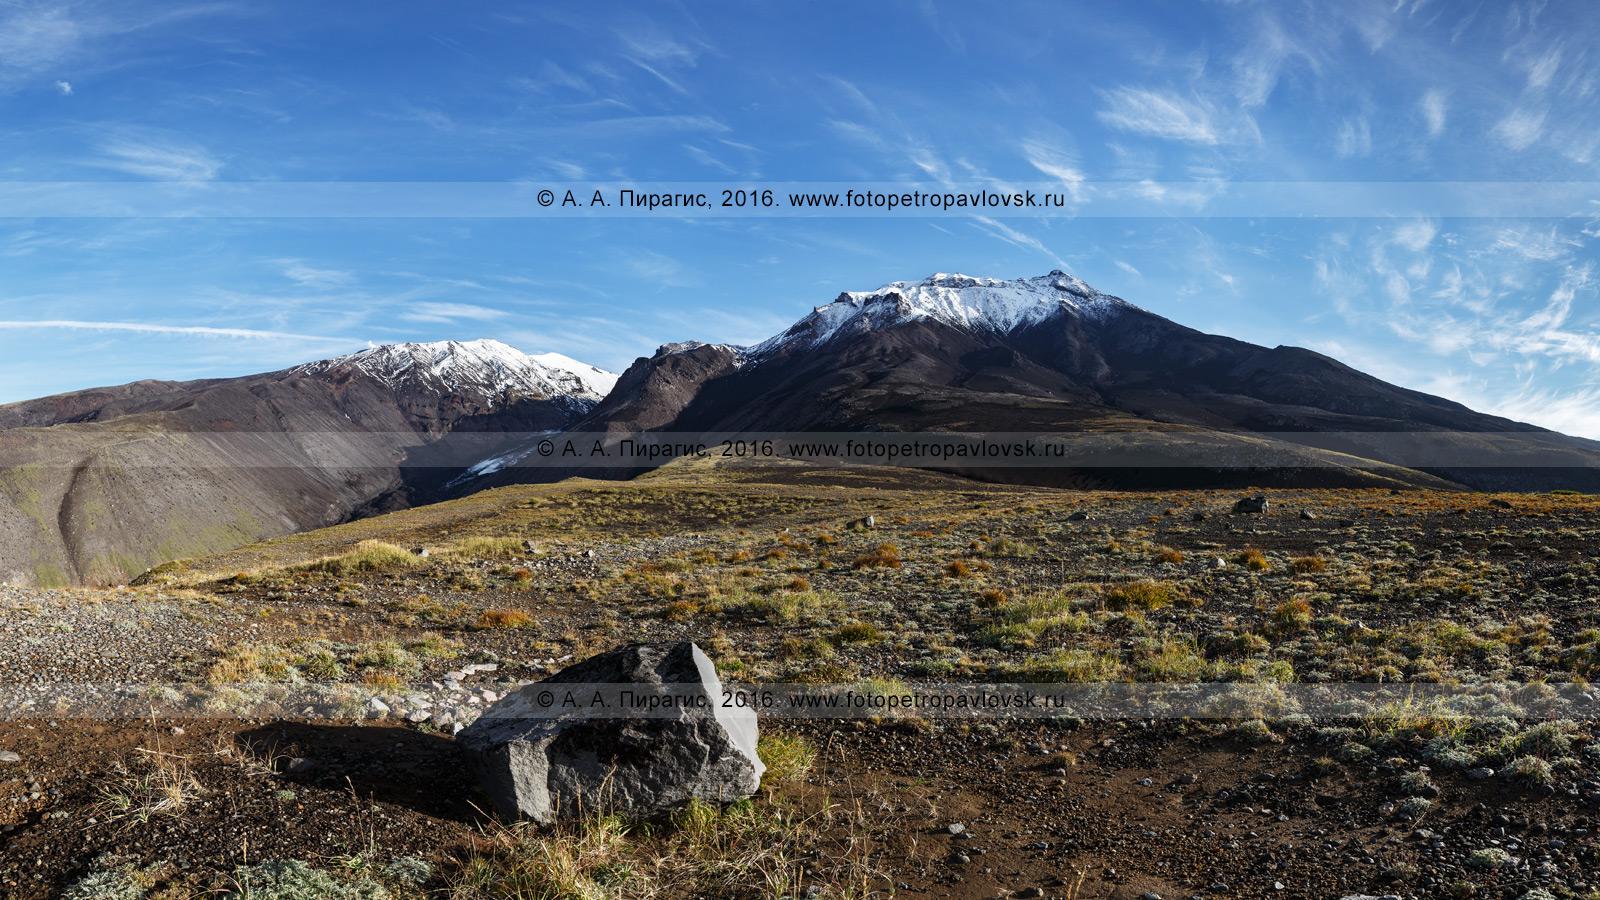 Панорама: Козельский вулкан (Kozelsky Volcano) в Авачинско-Корякской группе вулканов на полуострове Камчатка